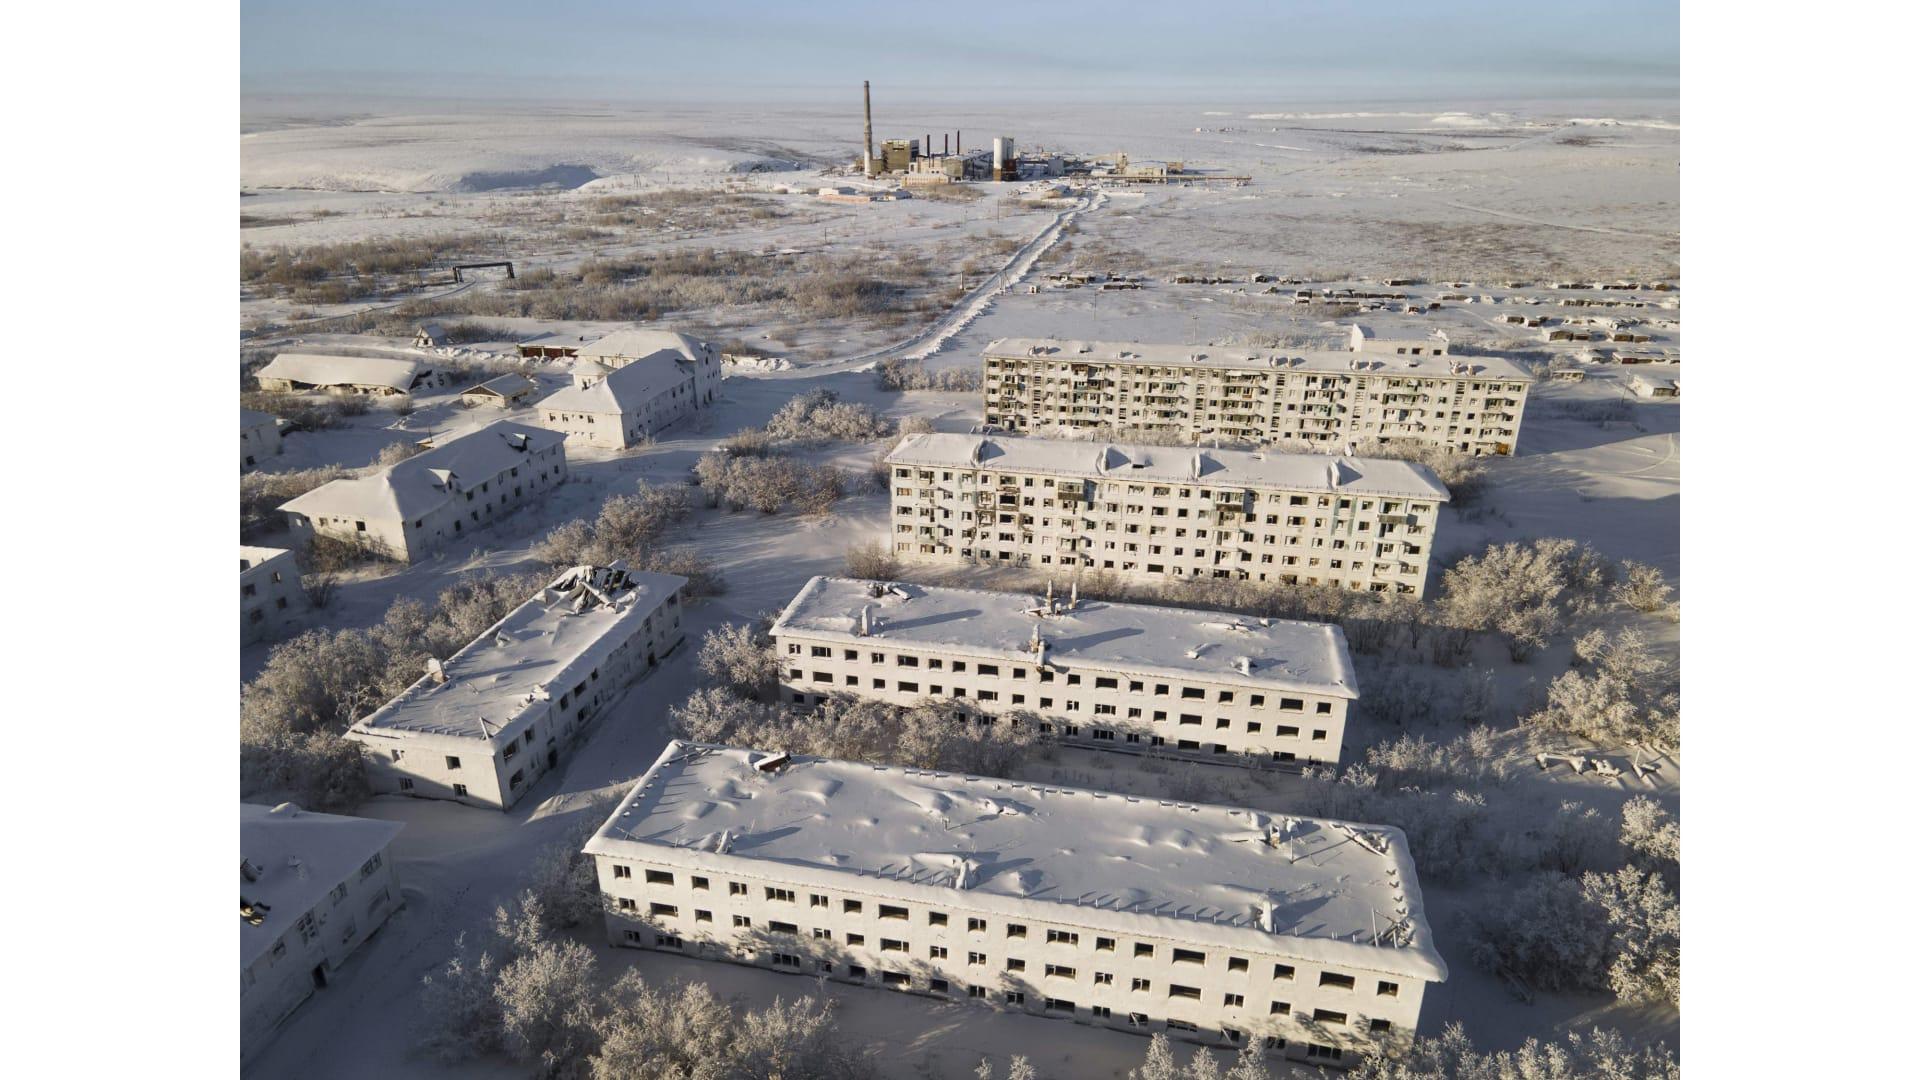 جمال مهجور..نظرة داخل مدن الأشباح المتجمدة في روسيا